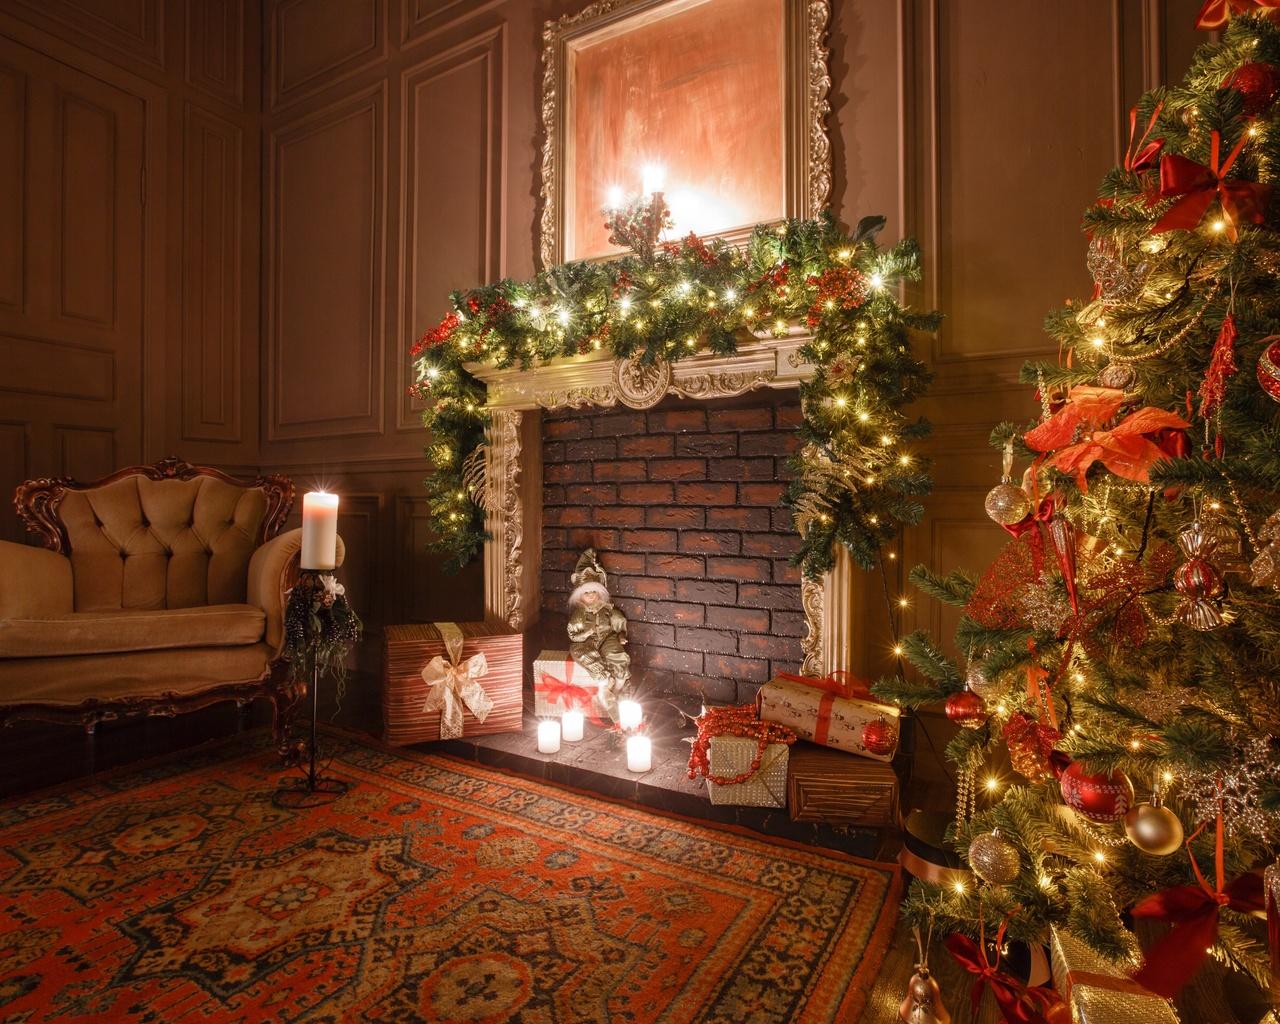 комната, кресло, украшения, игрушки, ёлка, праздник, новый год, рождество, подарки, коробки, камин, свечи